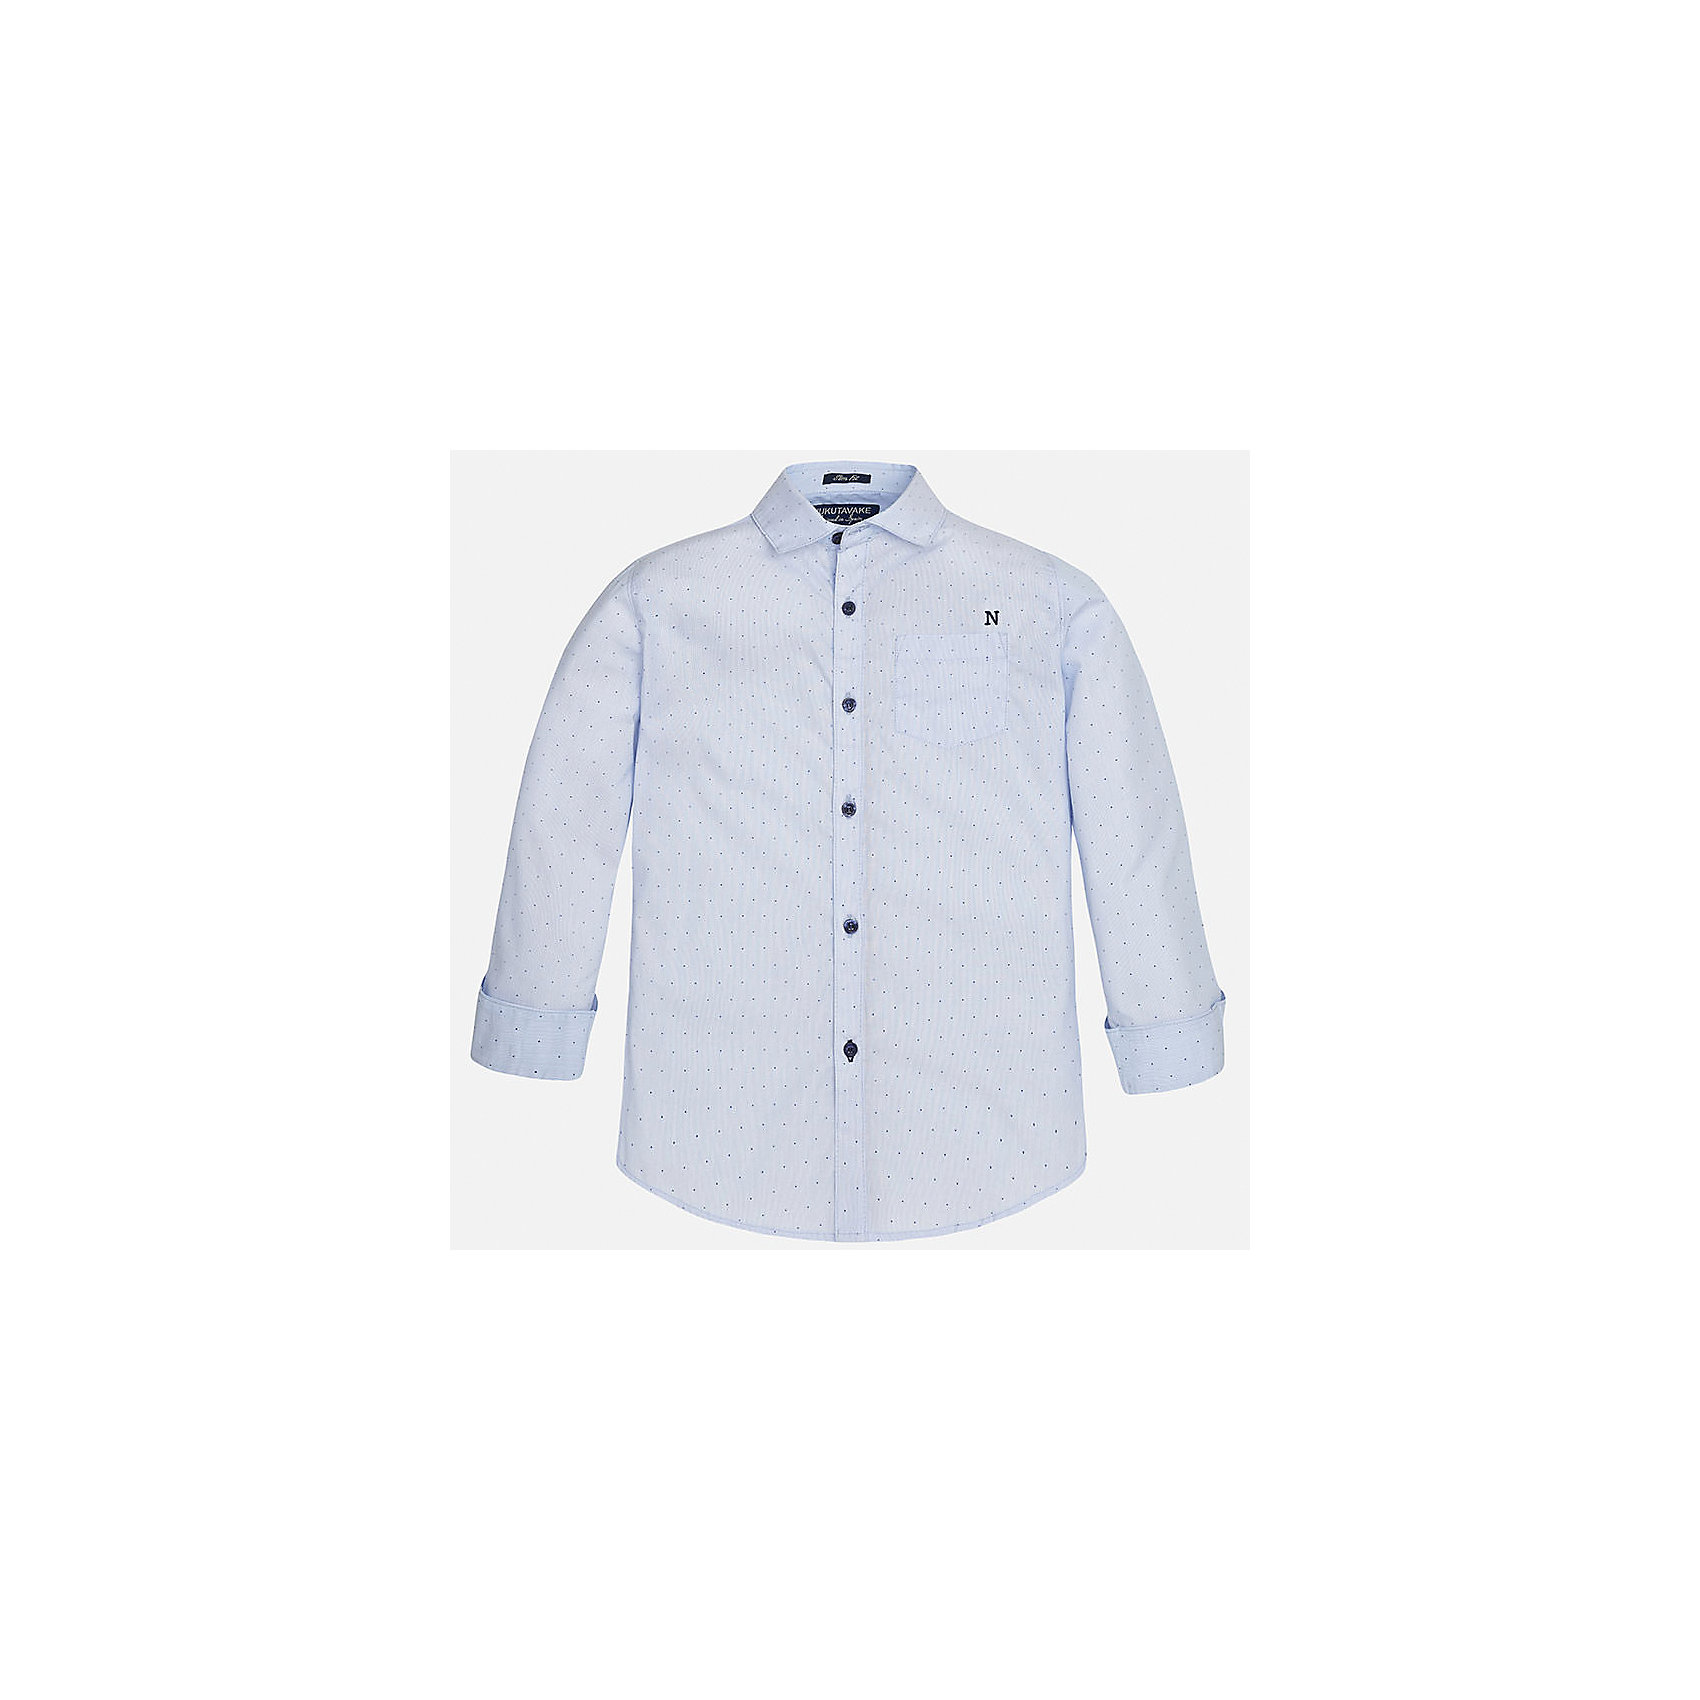 Рубашка для мальчика MayoralБлузки и рубашки<br>Характеристики товара:<br><br>• цвет: голубой<br>• состав: 100% хлопок<br>• отложной воротник<br>• декорирована карманом на груди<br>• рукава с отворотами<br>• застежки: пуговицы<br>• страна бренда: Испания<br><br>Модная рубашка поможет разнообразить гардероб мальчика. Она отлично сочетается с брюками, шортами, джинсами. Универсальный крой и цвет позволяет подобрать к вещи низ разных расцветок. Практичное и стильное изделие! Хорошо смотрится и комфортно сидит на детях. В составе материала - только натуральный хлопок, гипоаллергенный, приятный на ощупь, дышащий. <br><br>Одежда, обувь и аксессуары от испанского бренда Mayoral полюбились детям и взрослым по всему миру. Модели этой марки - стильные и удобные. Для их производства используются только безопасные, качественные материалы и фурнитура. Порадуйте ребенка модными и красивыми вещами от Mayoral! <br><br>Рубашку для мальчика от испанского бренда Mayoral (Майорал) можно купить в нашем интернет-магазине.<br><br>Ширина мм: 174<br>Глубина мм: 10<br>Высота мм: 169<br>Вес г: 157<br>Цвет: голубой<br>Возраст от месяцев: 132<br>Возраст до месяцев: 144<br>Пол: Мужской<br>Возраст: Детский<br>Размер: 158,164,152,140,170,128/134<br>SKU: 5281659